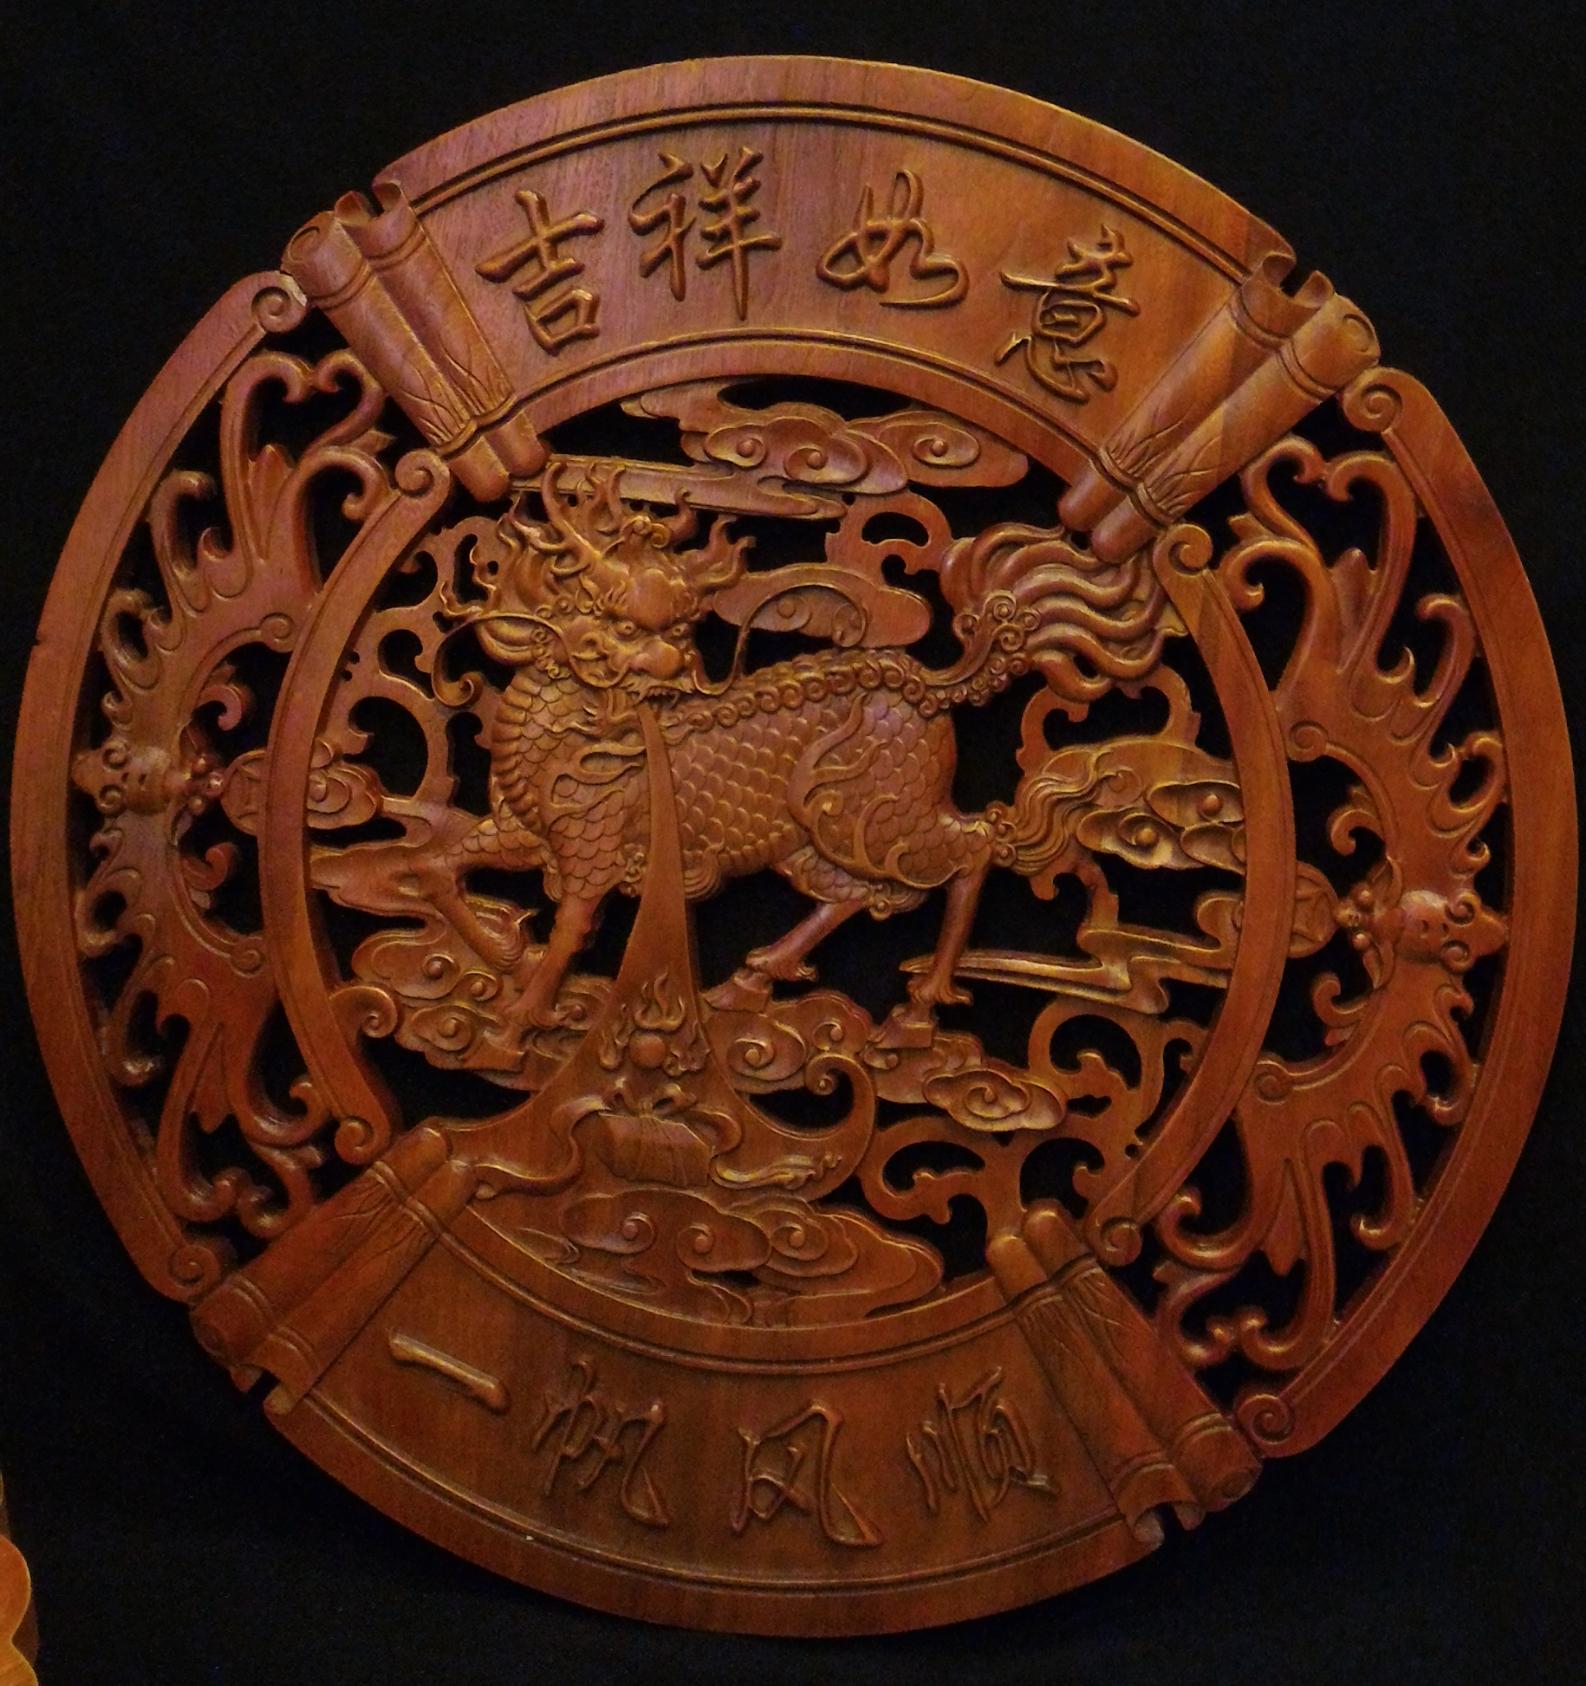 แผ่นไม้แกะศิลปะจีน-กิเลนมอบของขวัญ 58cm